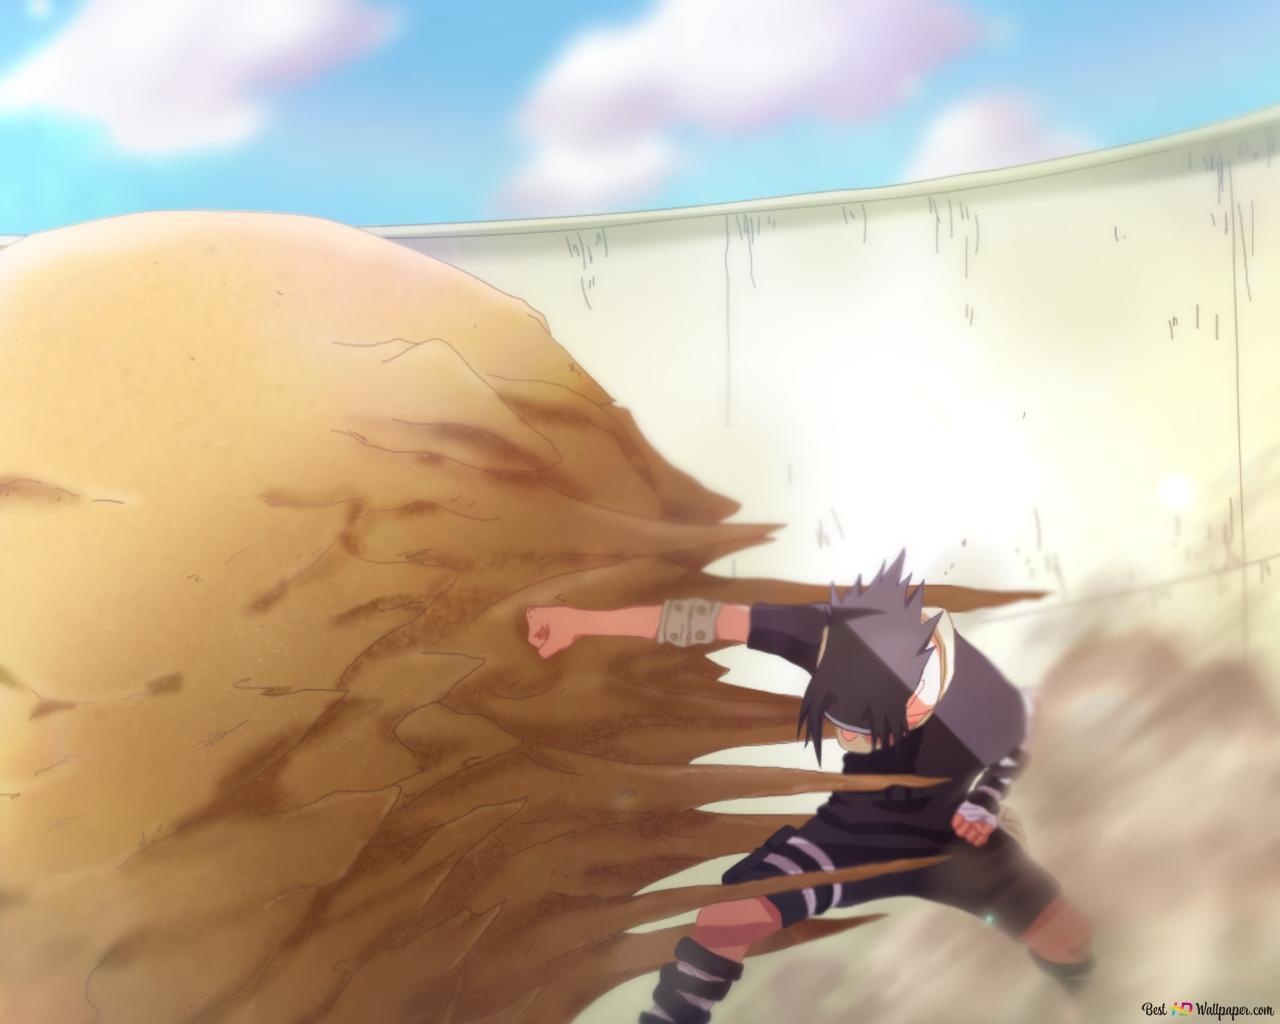 Sasuke uchiha sakura haruno gaara ino yamanaka naruto shippuden.